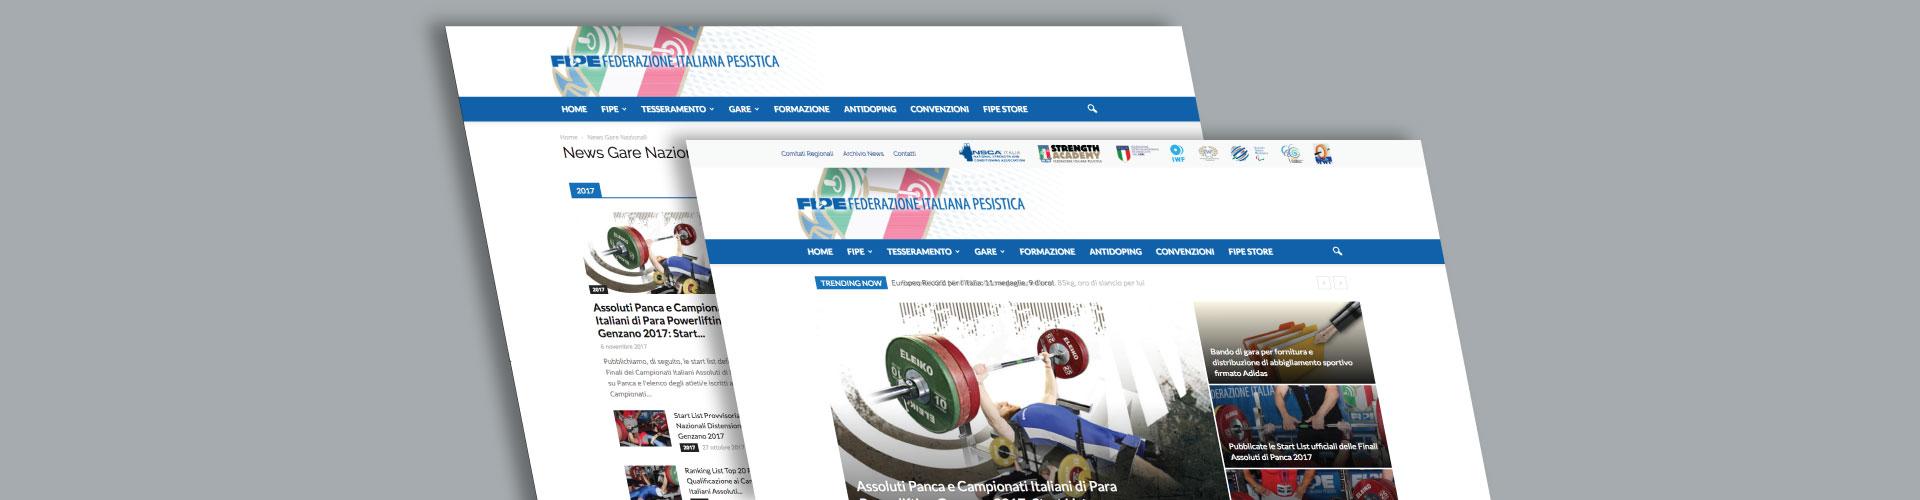 realizzazione sito web Fipe